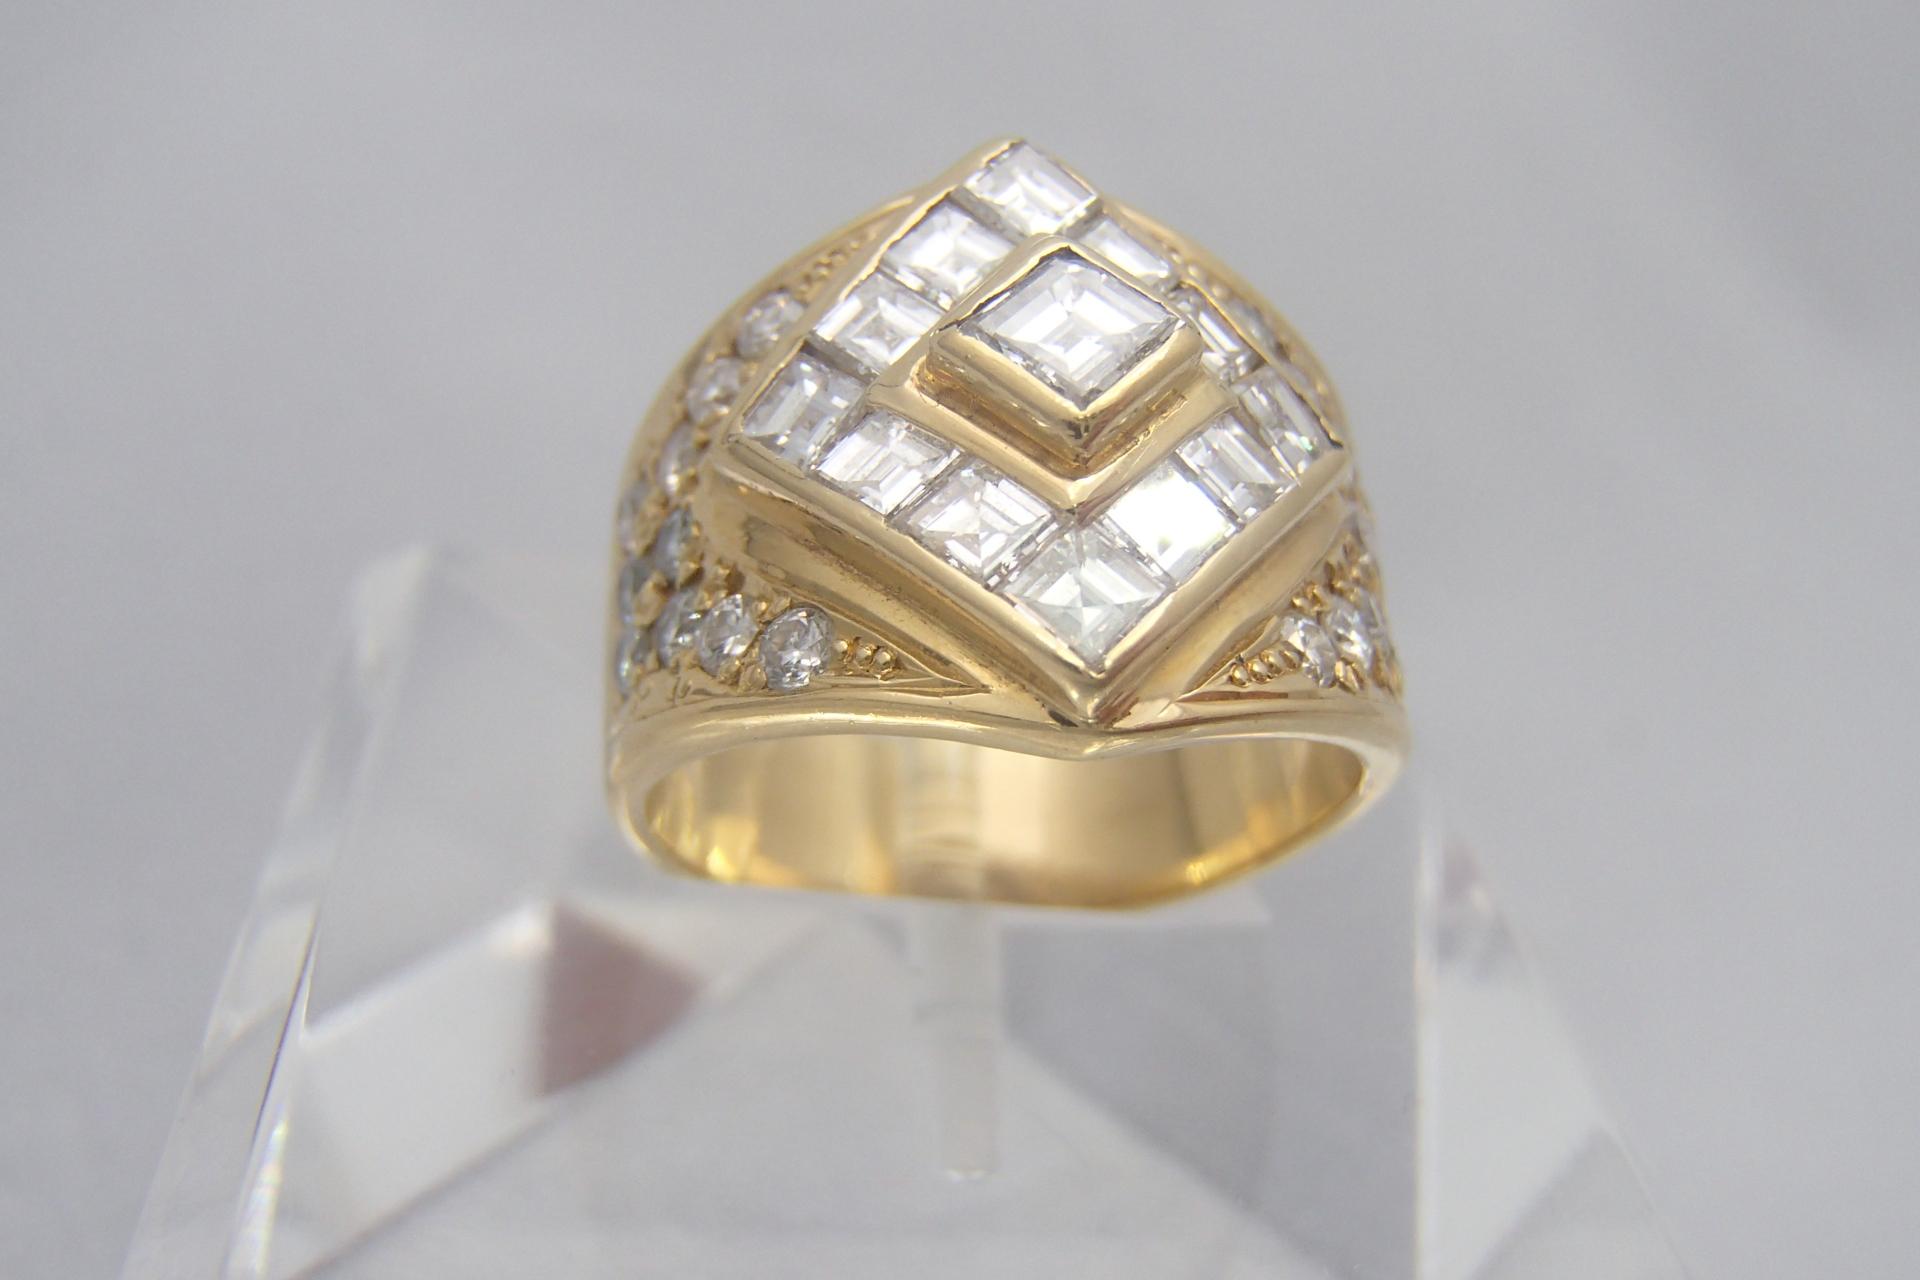 ダイヤモンドを徹底比較!クラリティーの大切さを考える